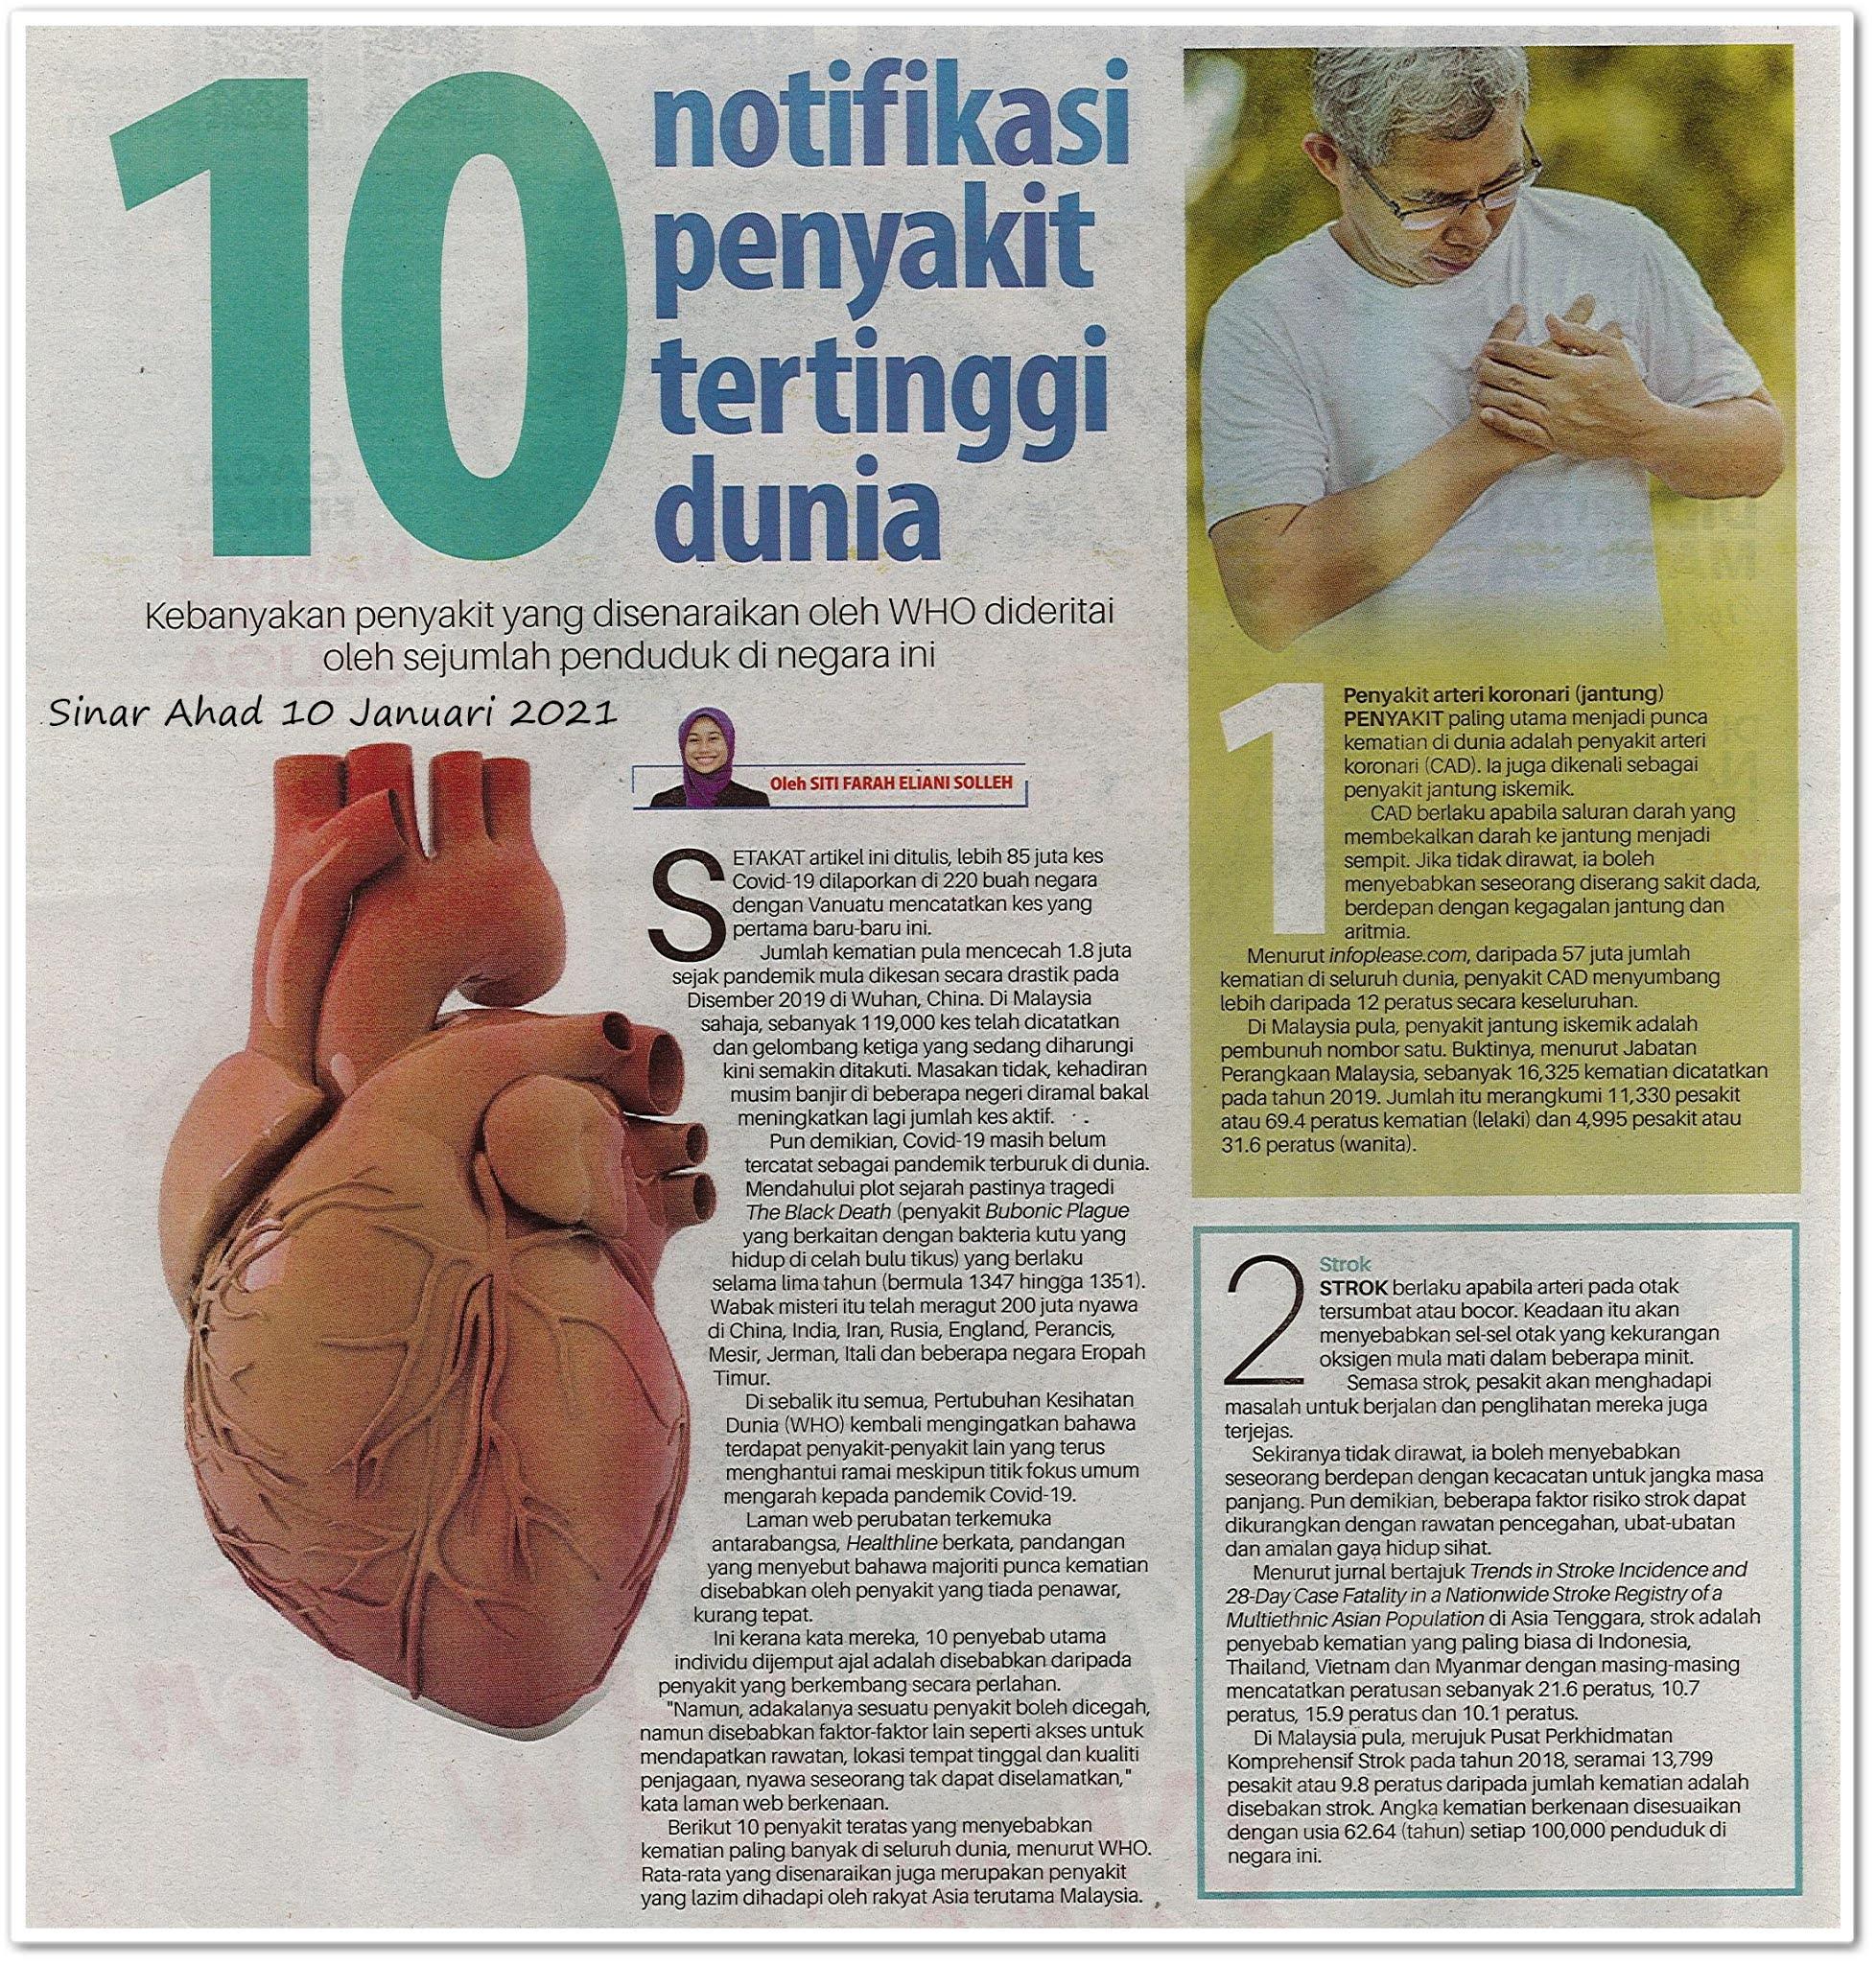 10 notifikasi penyakit tertinggi dunia - Keratan akhbar Sinar Ahad 10 Januari 2021